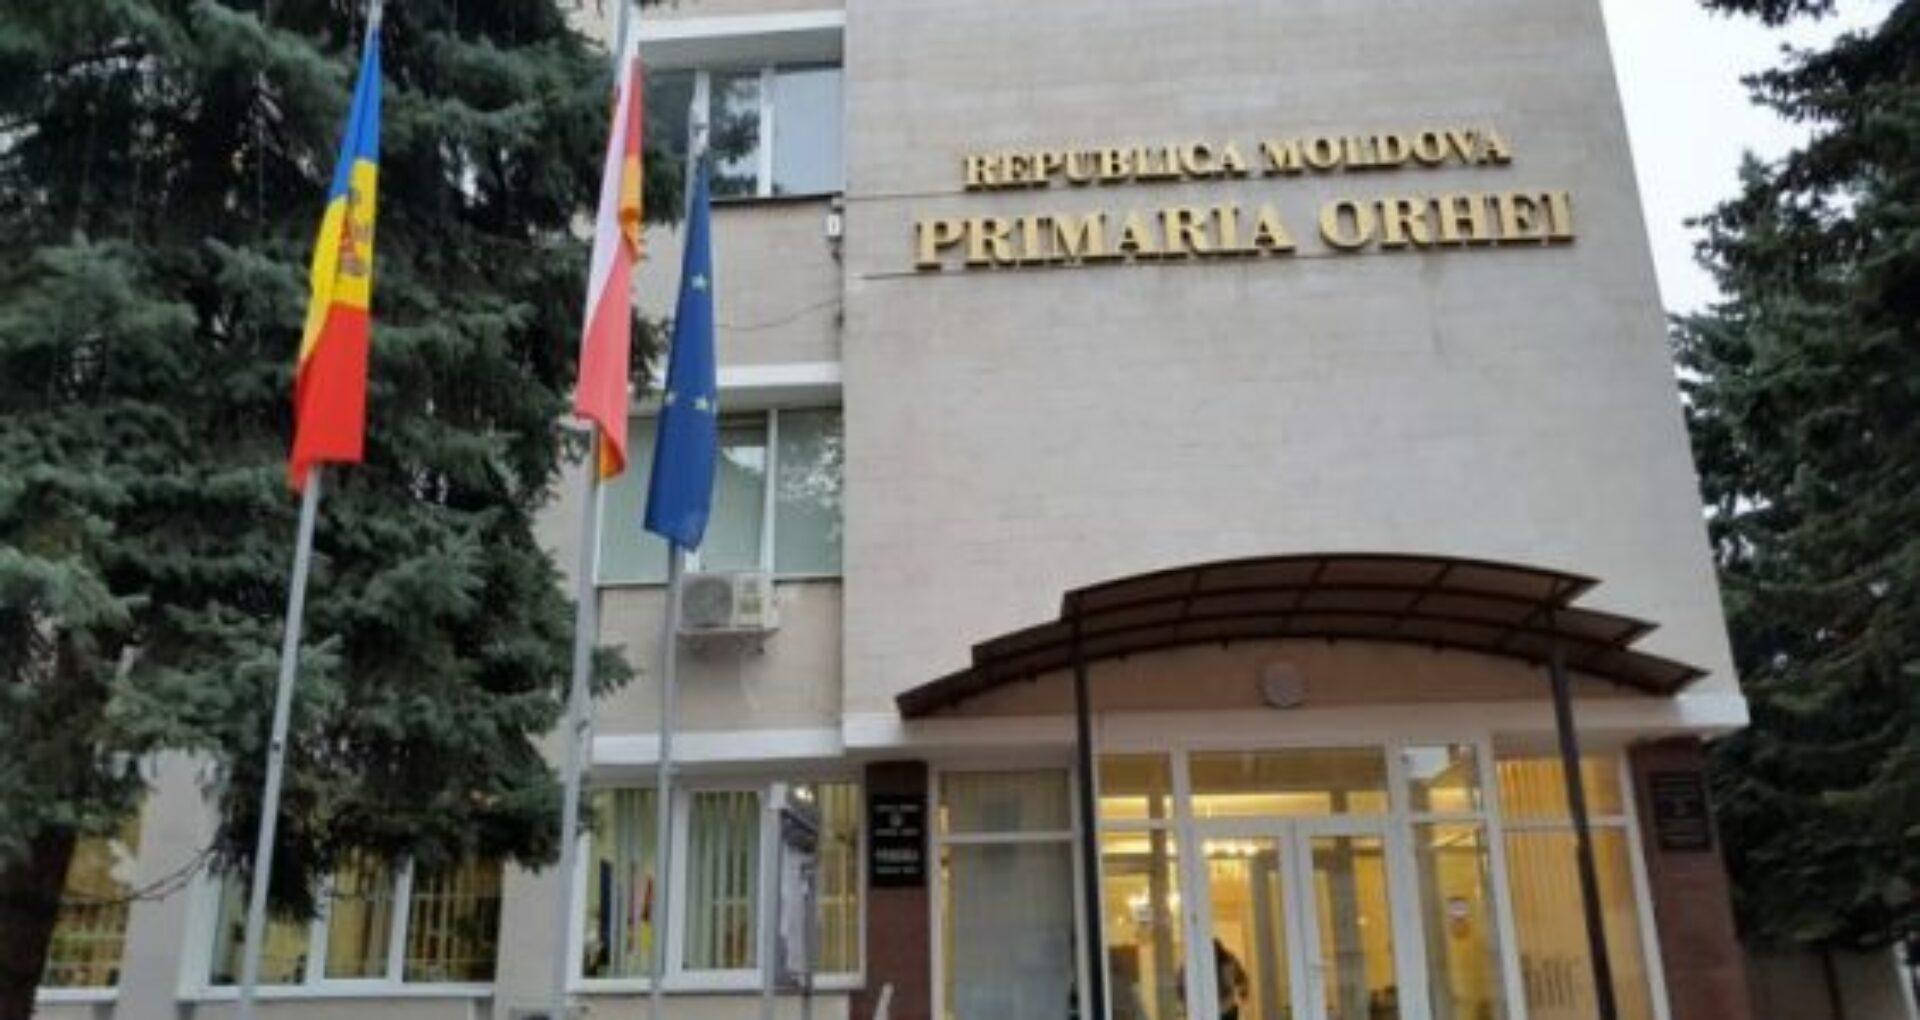 """Convocarea în regim extraordinar a Consiliului Municipal Orhei. Pe ordinea de zi subiecte care vizează asociaţiile obşteşti """"Pentru Orhei"""" şi AIREEI """"Prosperarea Moldovei"""""""